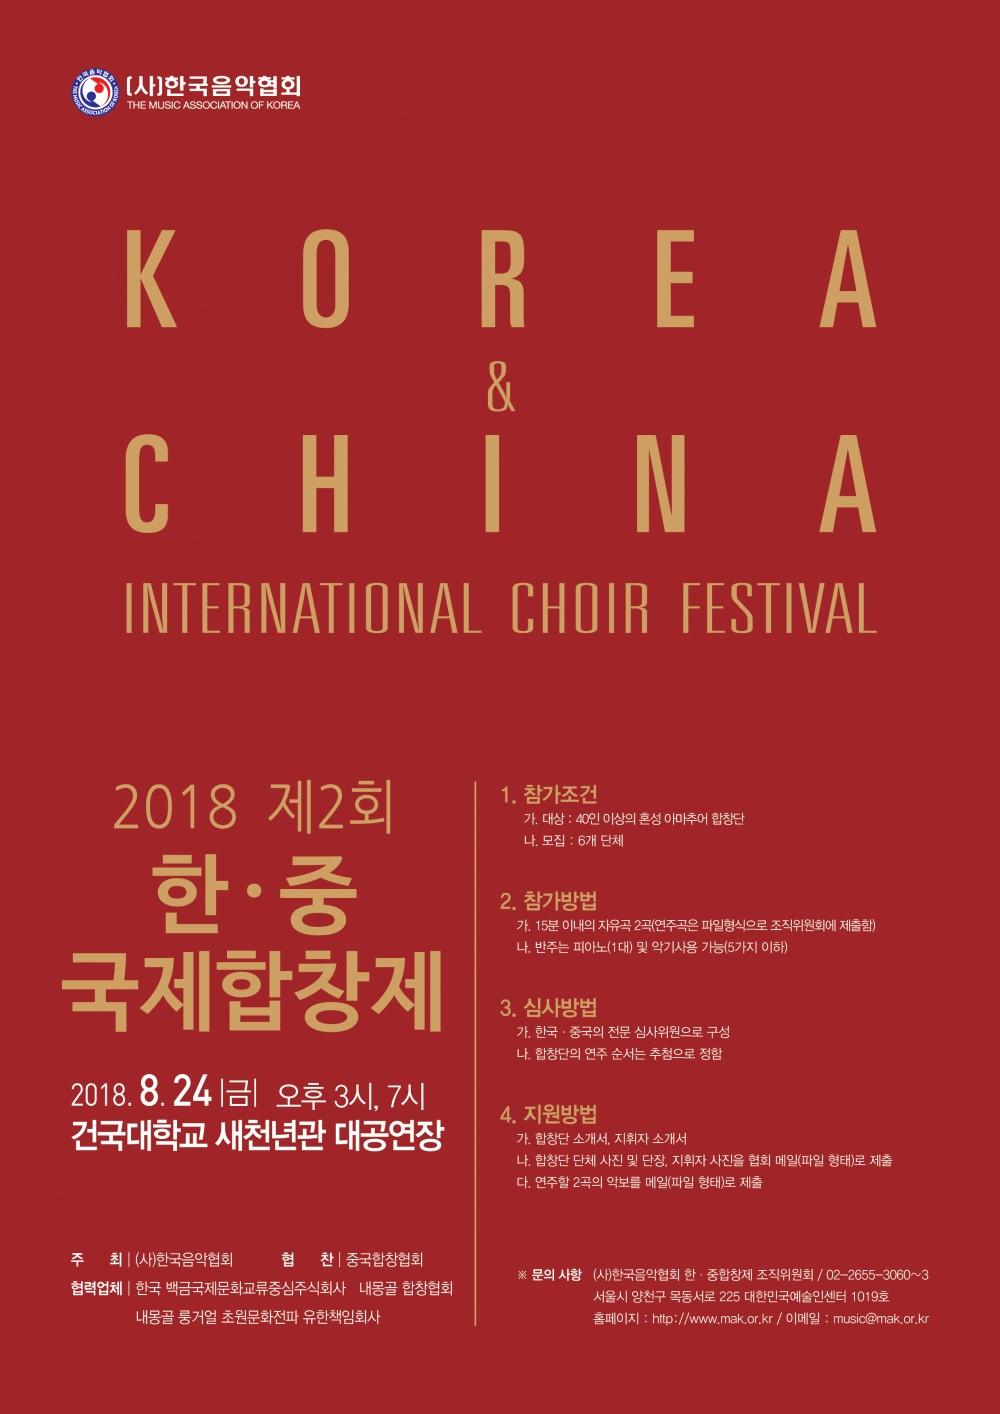 [사]한국음악협회 / 보도자료